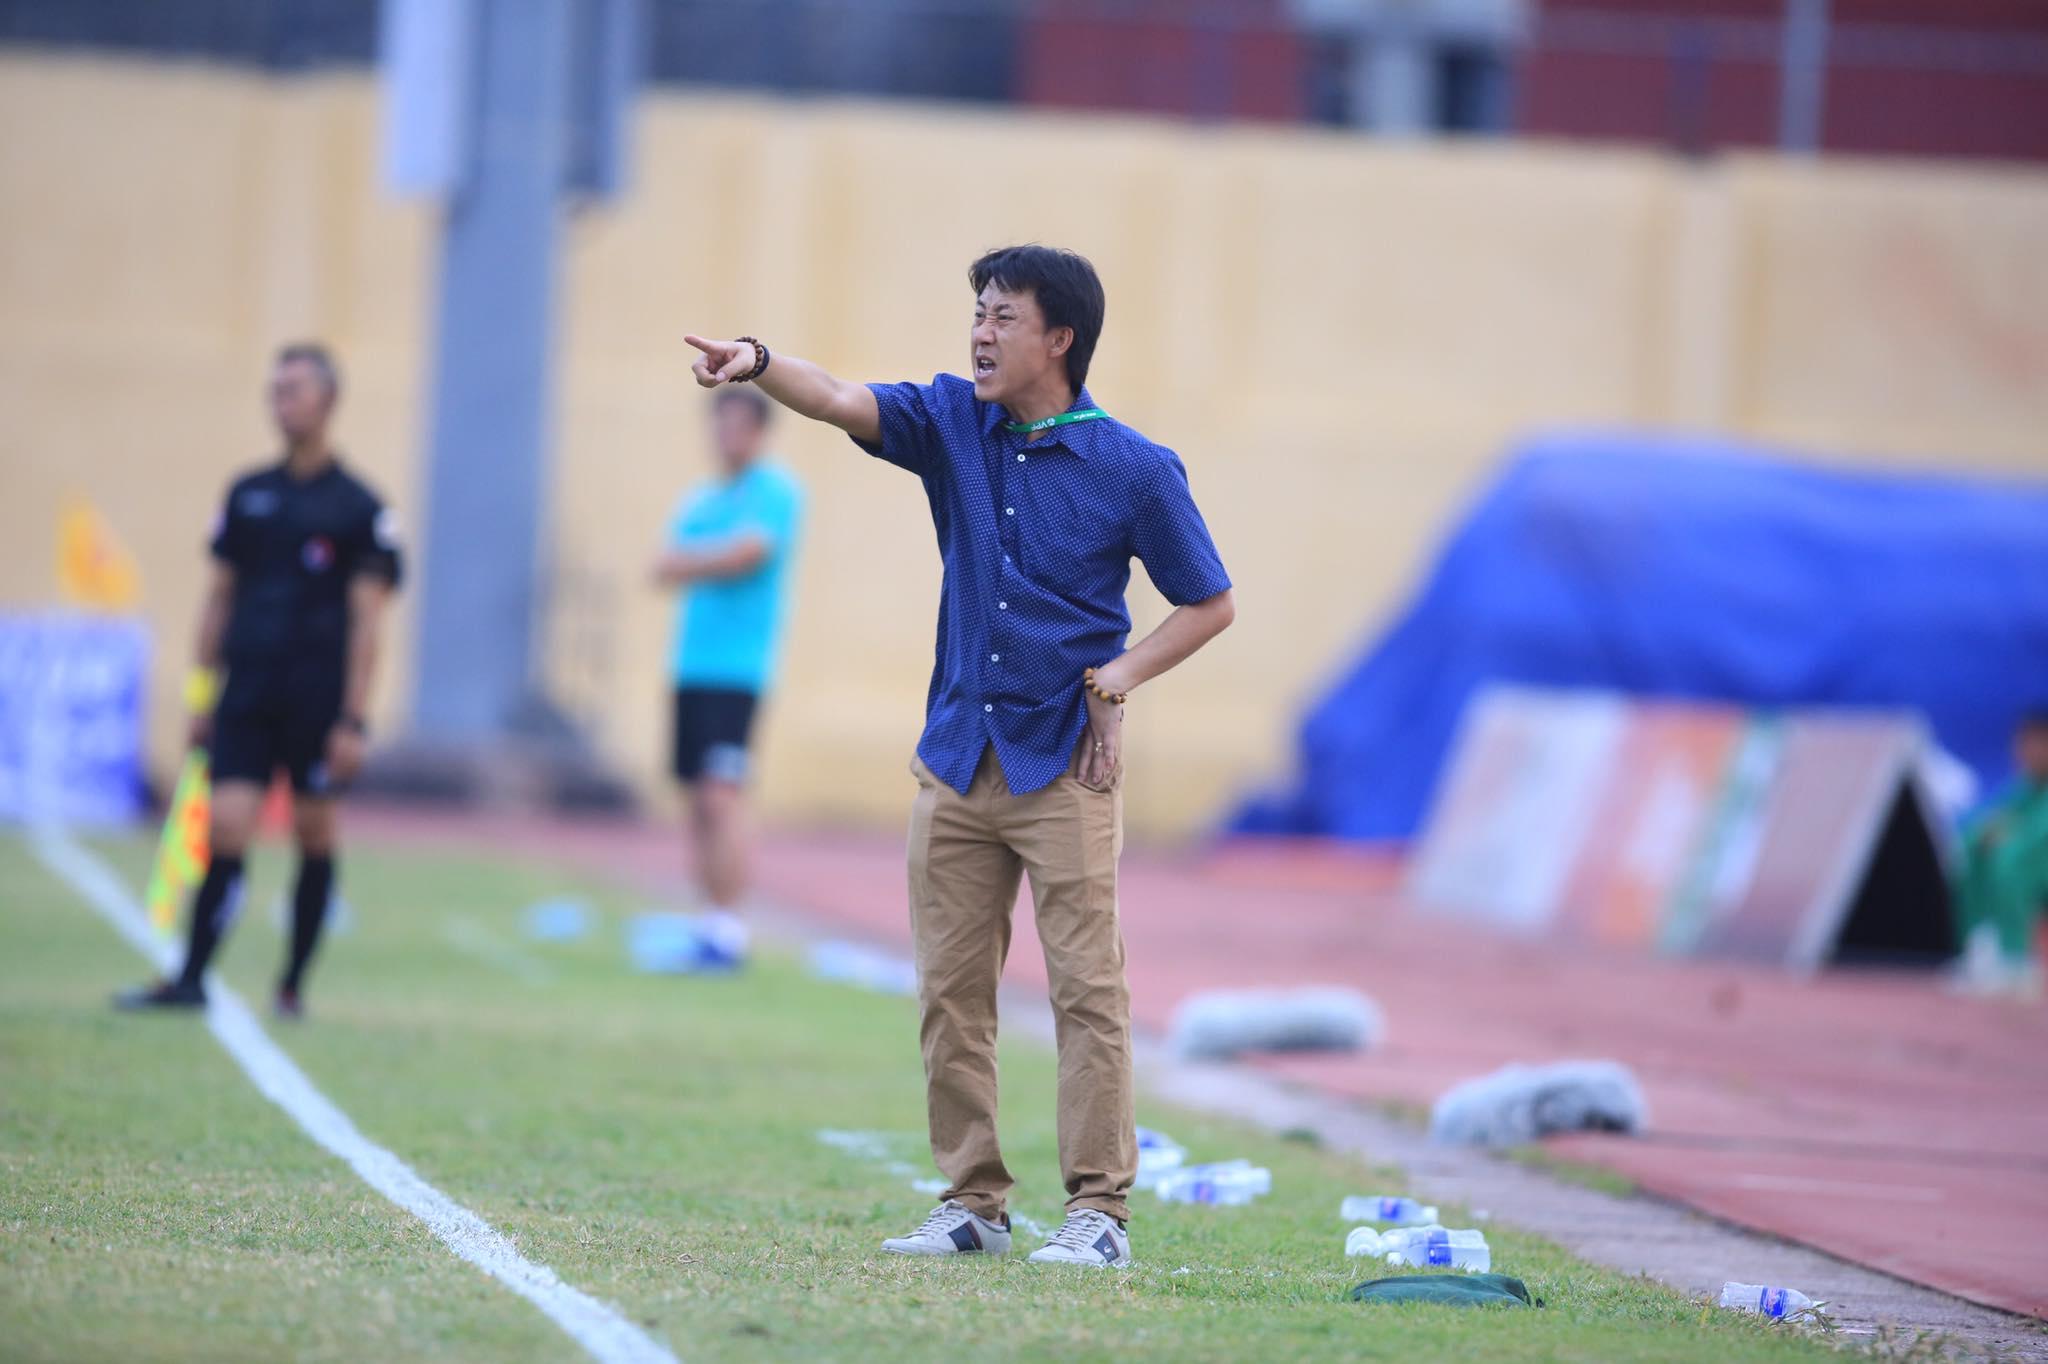 HLV Thành Công giúp Thanh Hoá hồi sinh ở V.League 2020 - Ảnh: Minh Tuấn